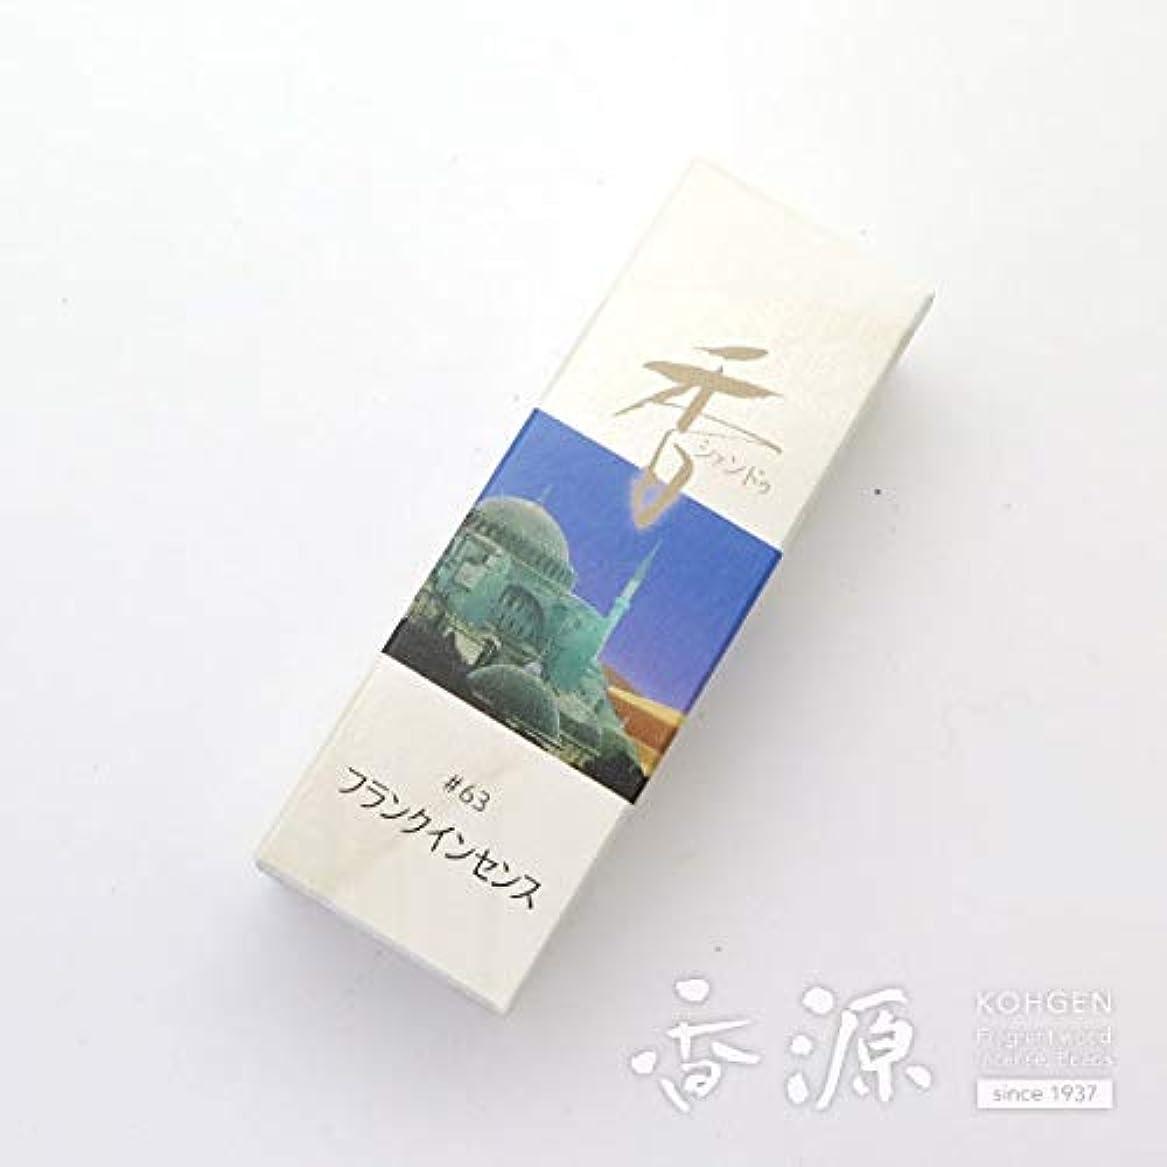 マキシム水素対象Xiang Do(シャンドゥ) 松栄堂のお香 フランクインセンス ST20本入 簡易香立付 #214263